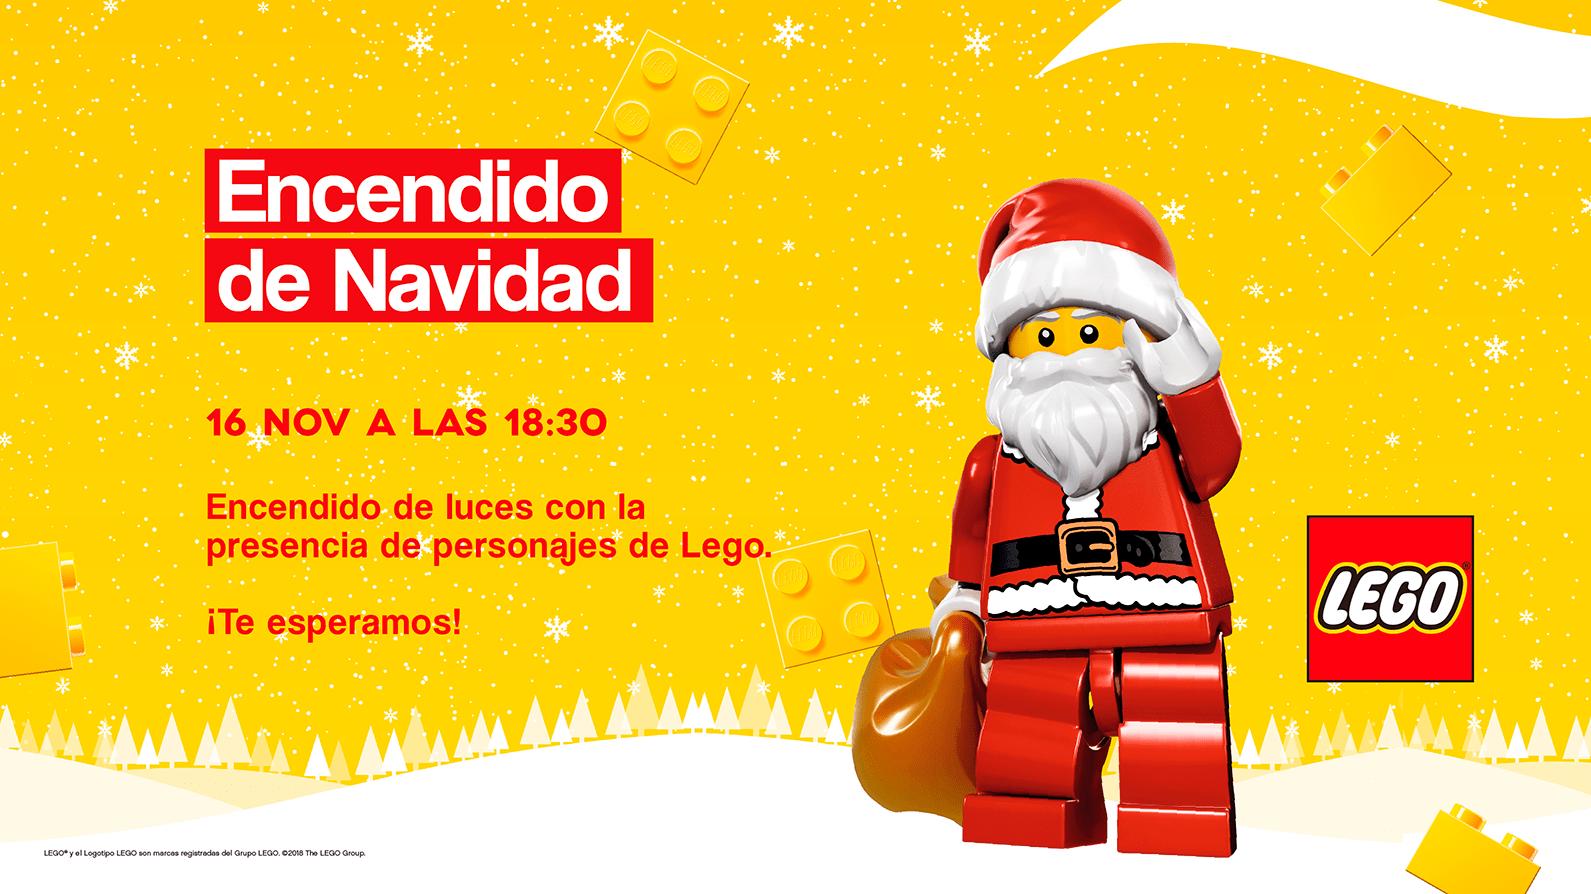 Ven a vivir la Navidad con los personajes de ¡¡Lego!!